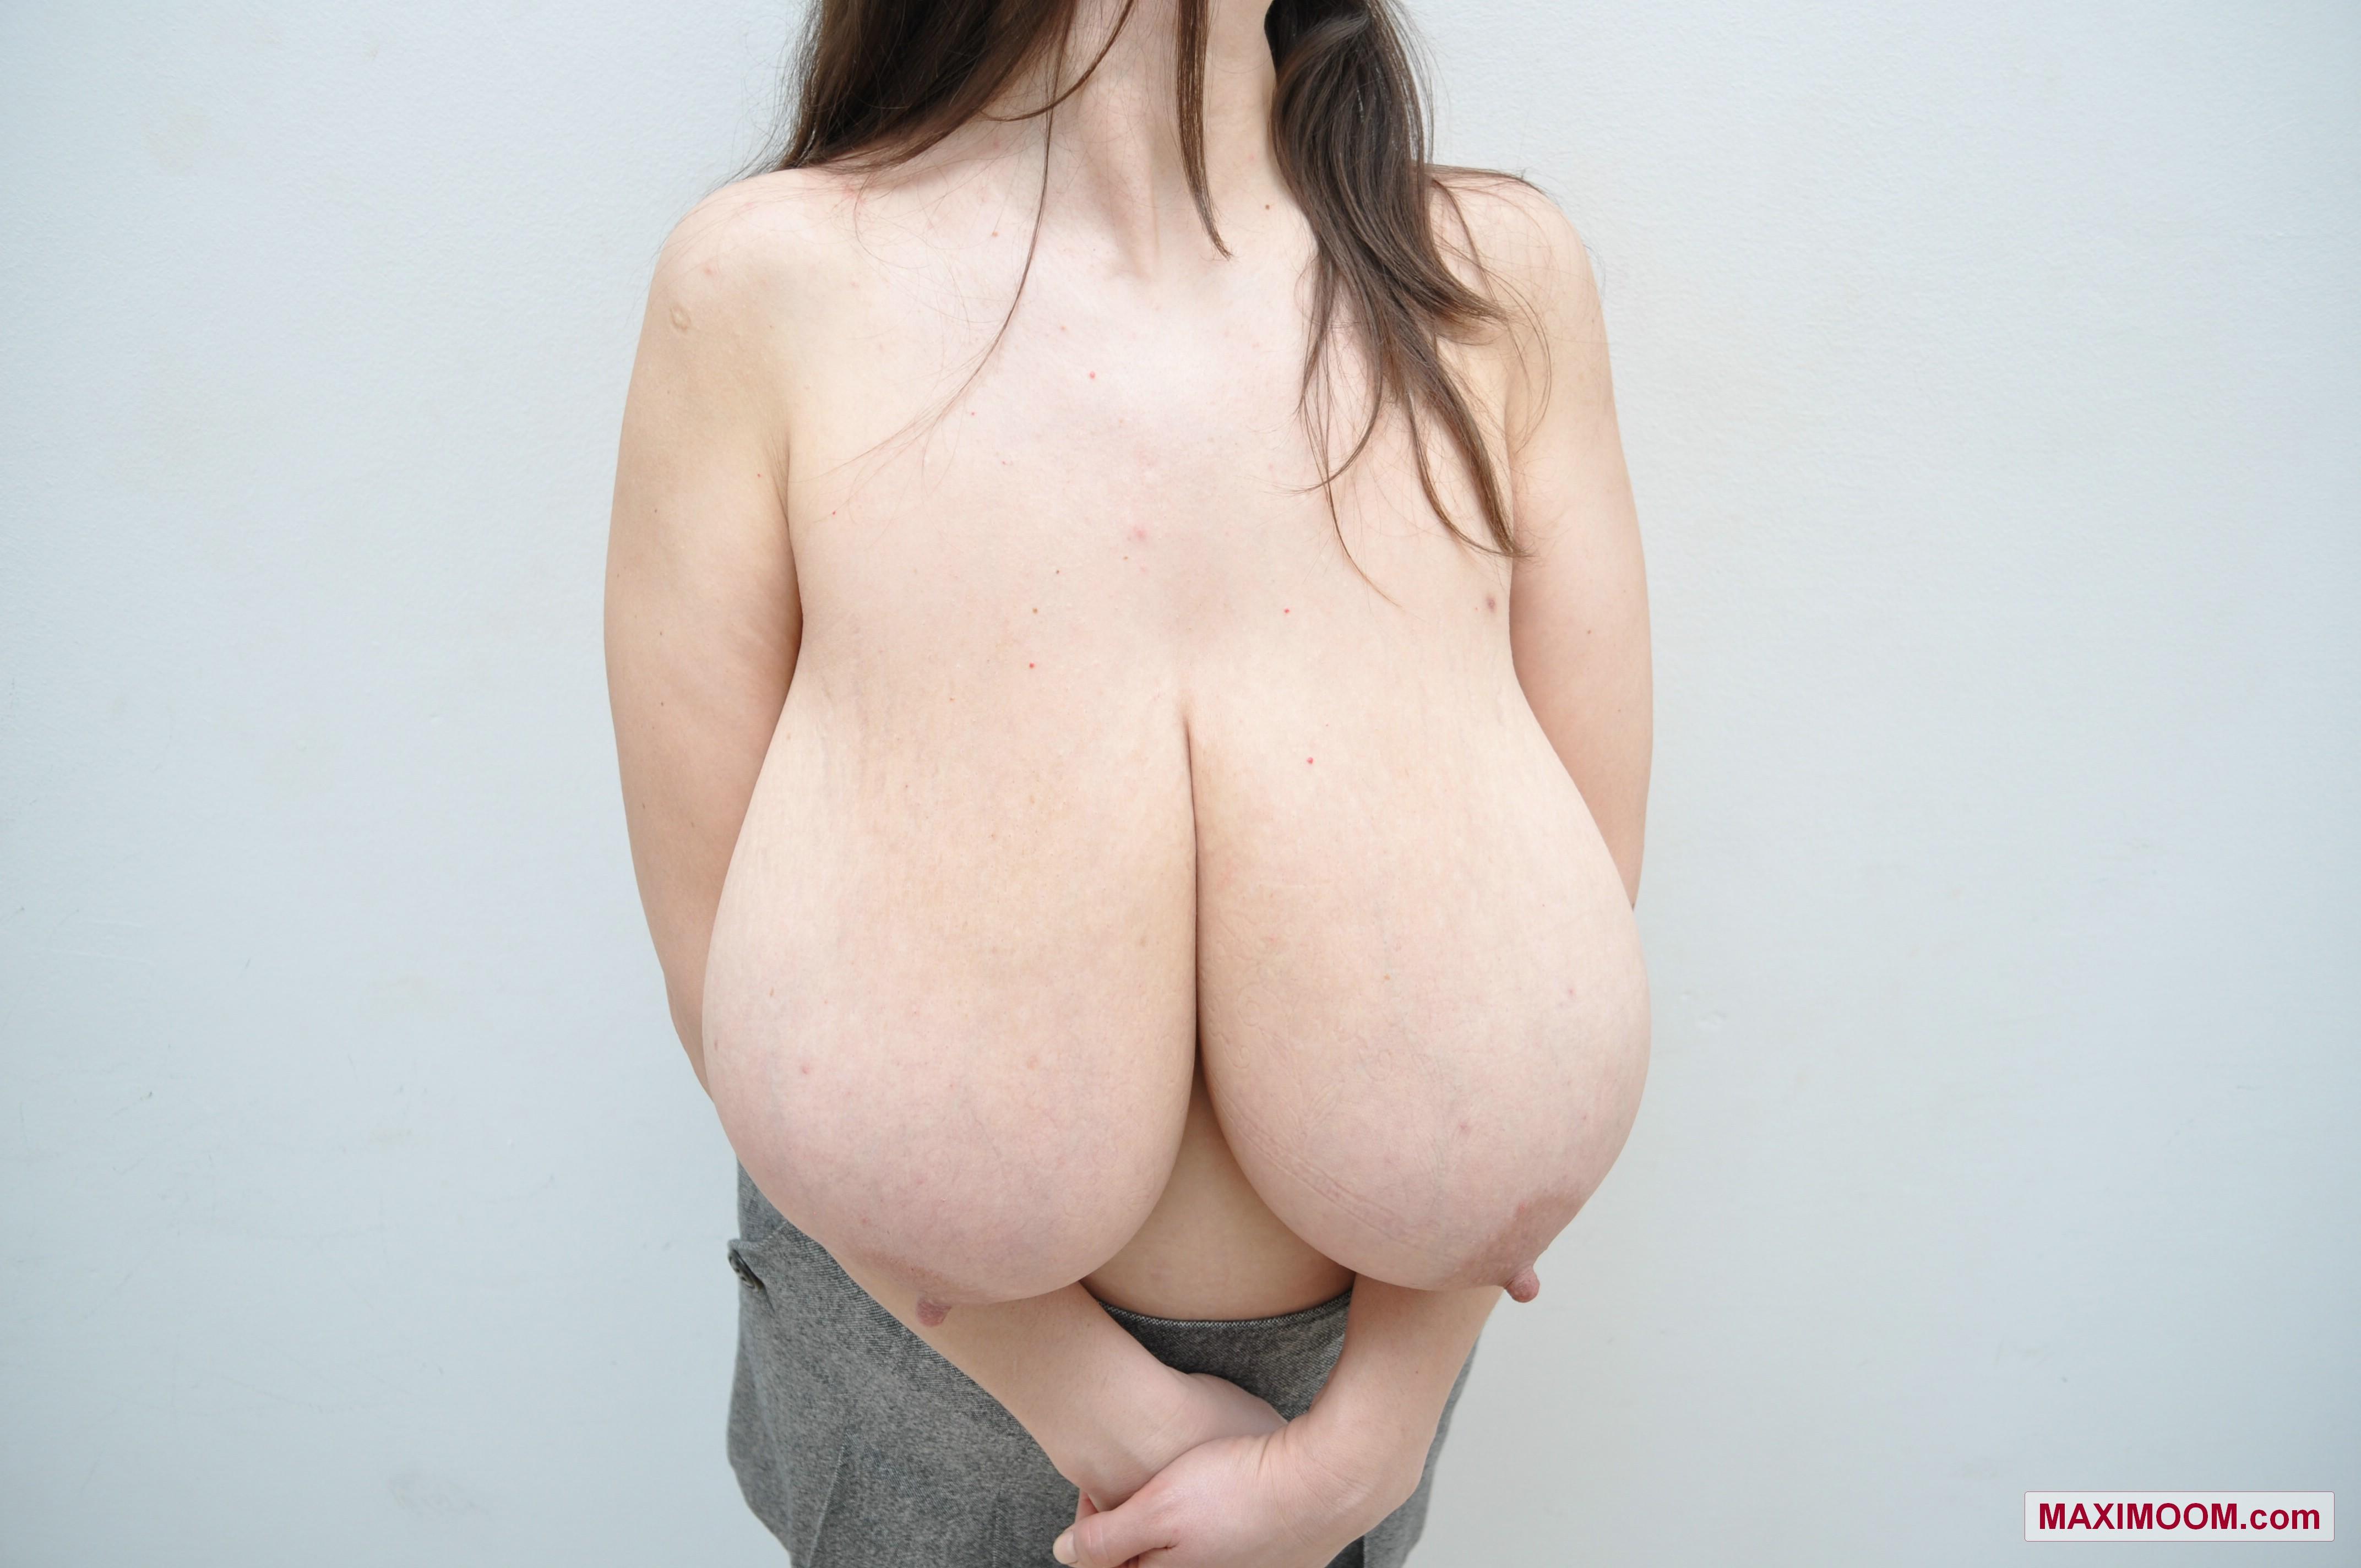 Tits slim body big slim stacked